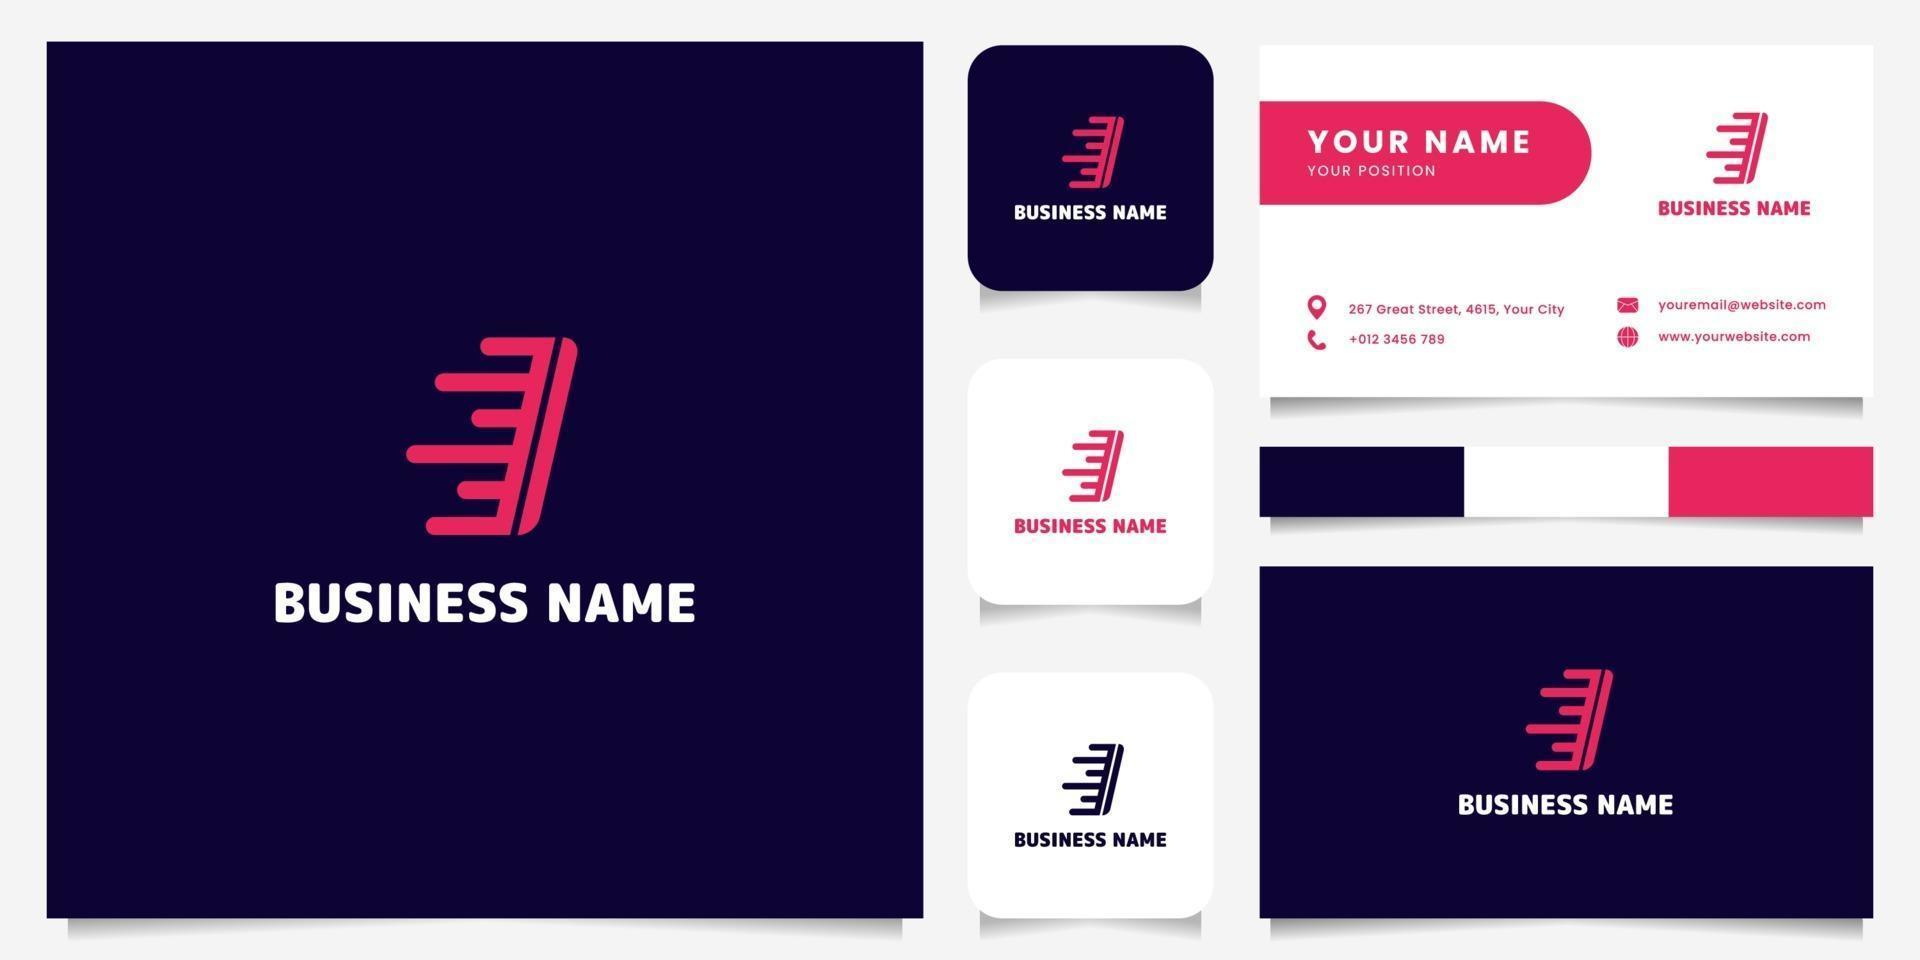 semplice e minimalista rosa brillante lettera i logo velocità nel logo di sfondo scuro con modello di biglietto da visita vettore